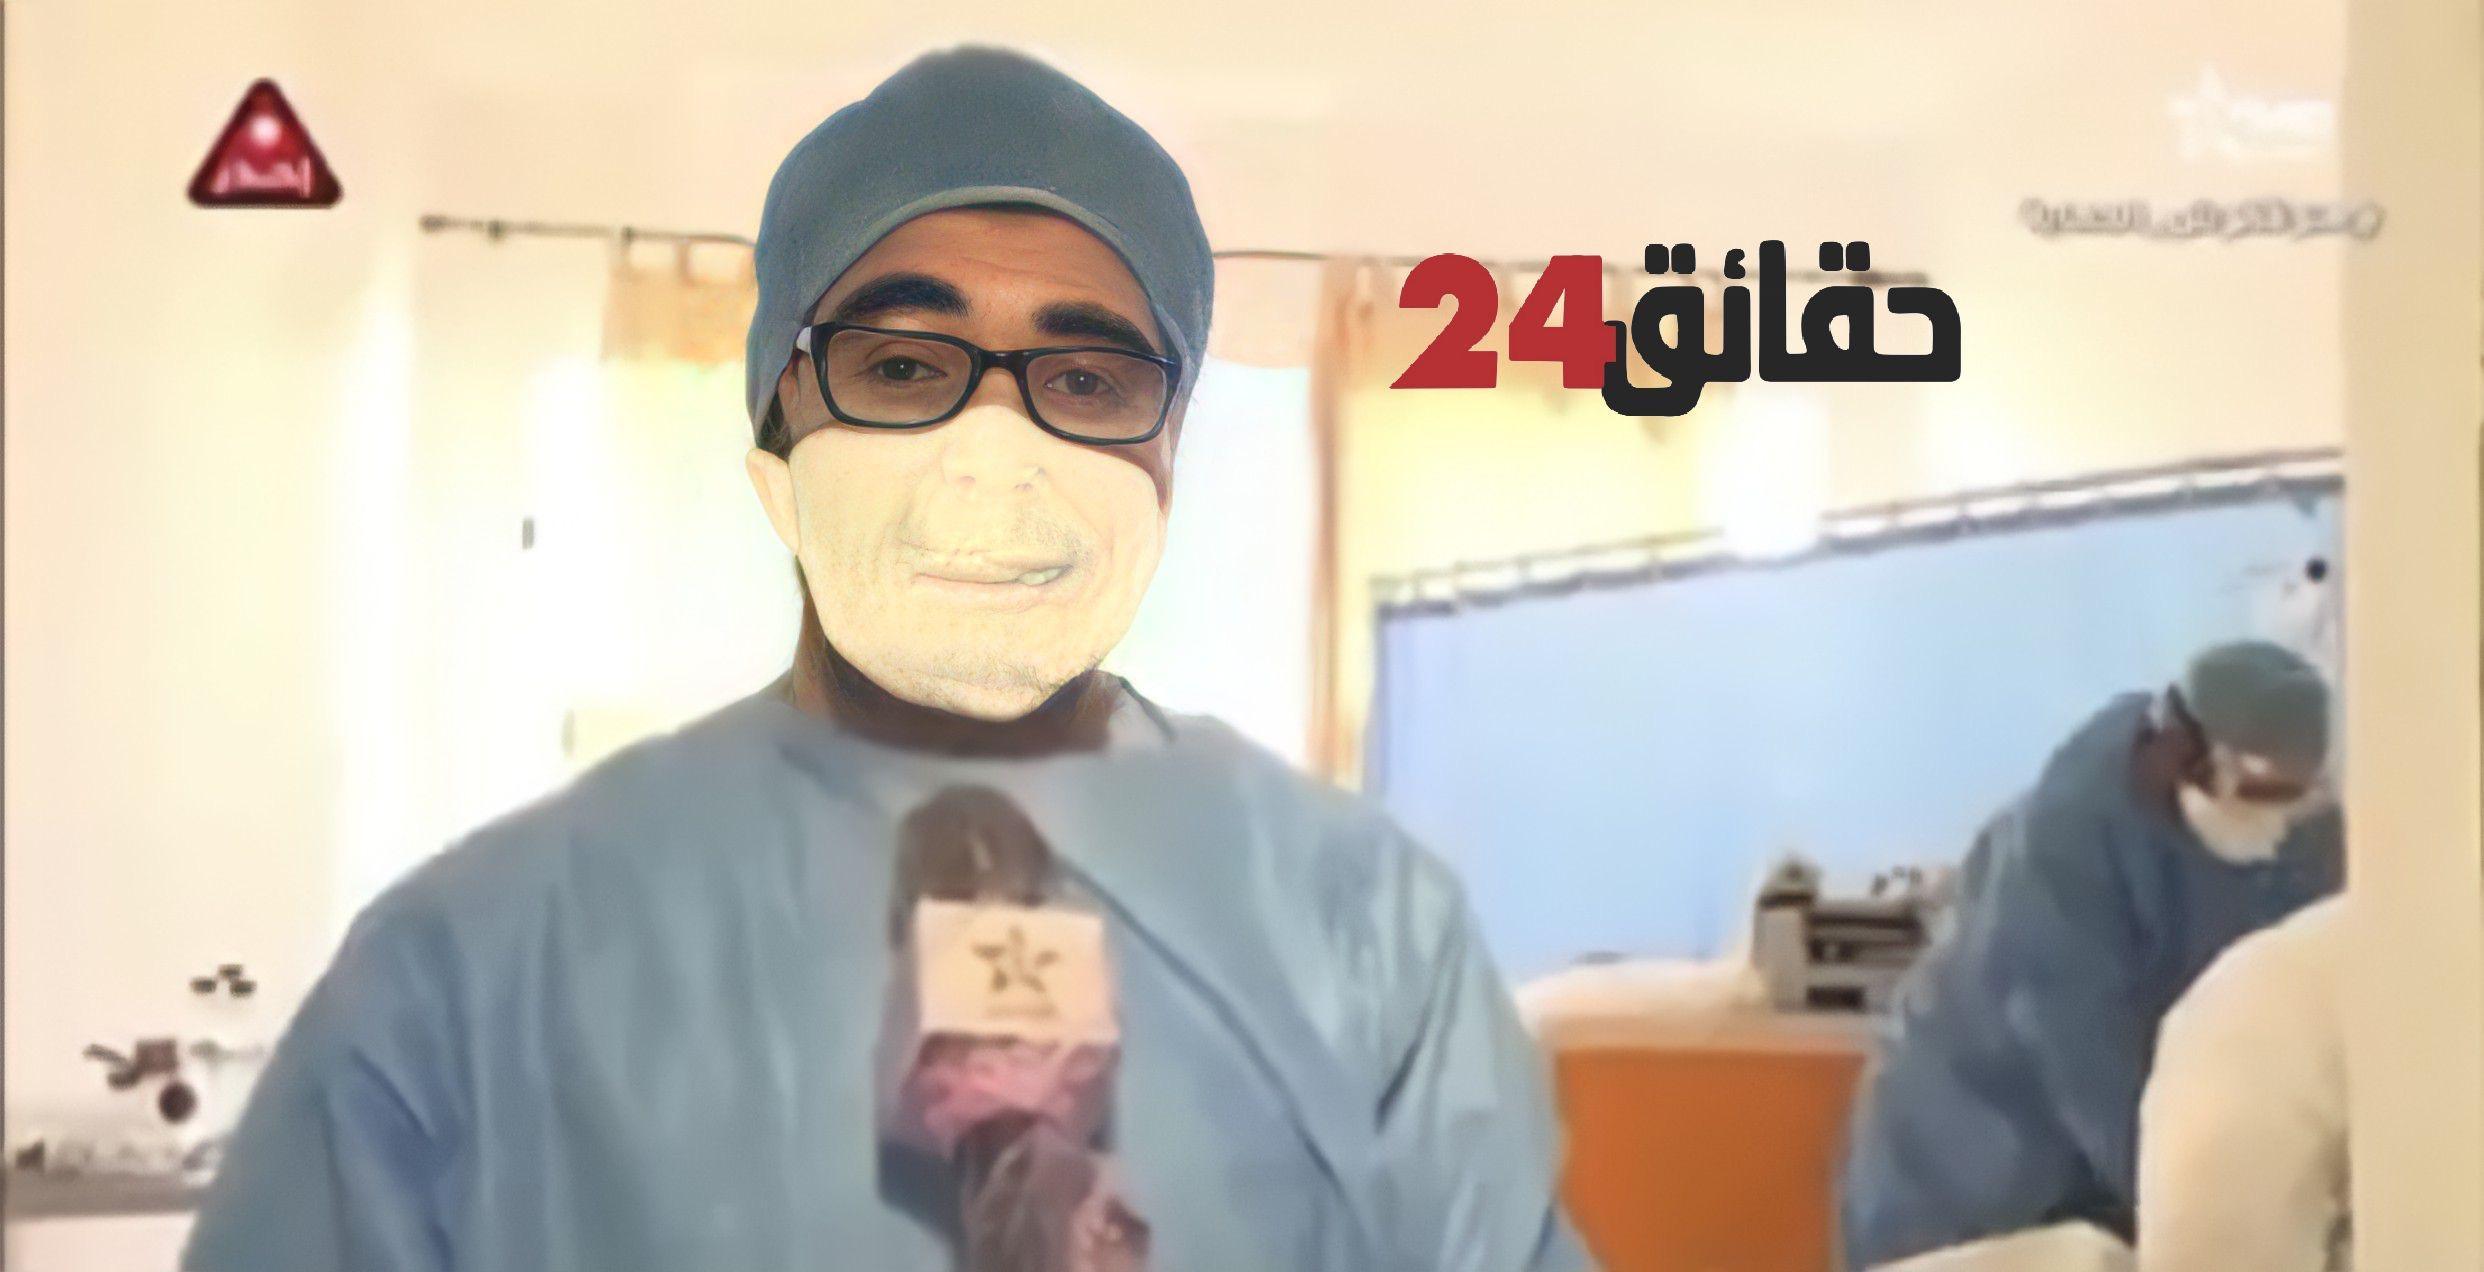 صورة ترك مريضا يصارع الموت ليدلي بتصريح للإعلام .. إدارة المستشفى توضح